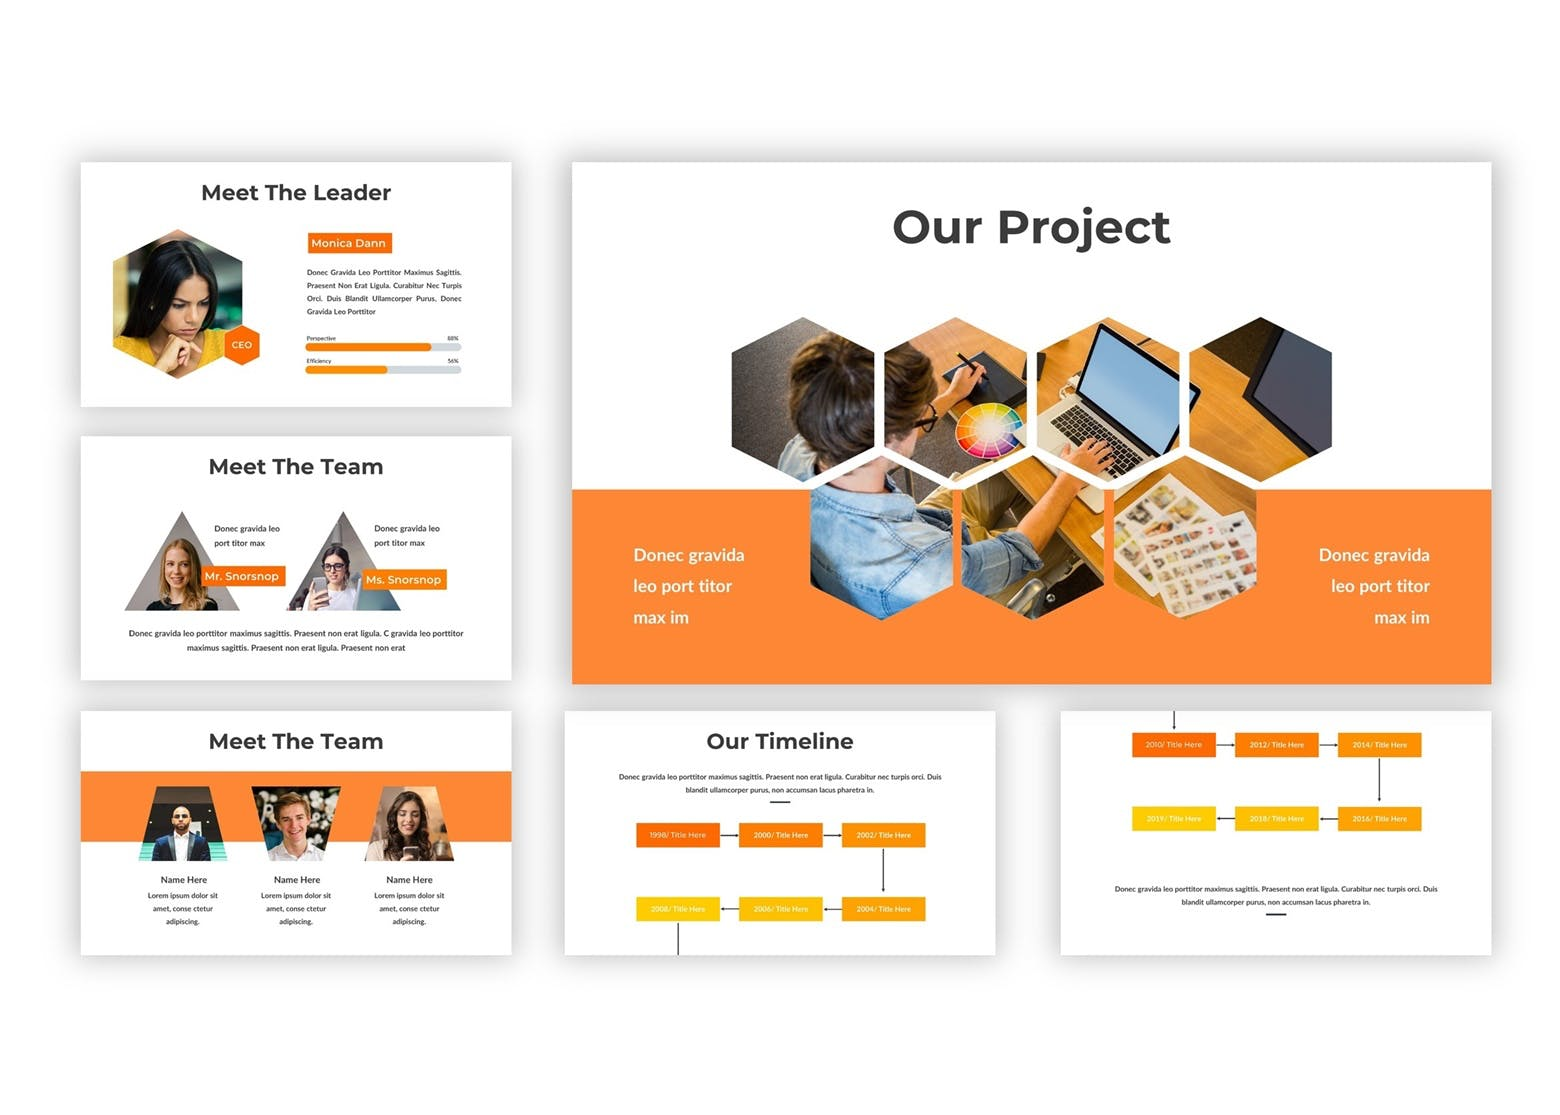 市场策划提案PPT幻灯片模板下载Worksian Google Slides Template插图(3)